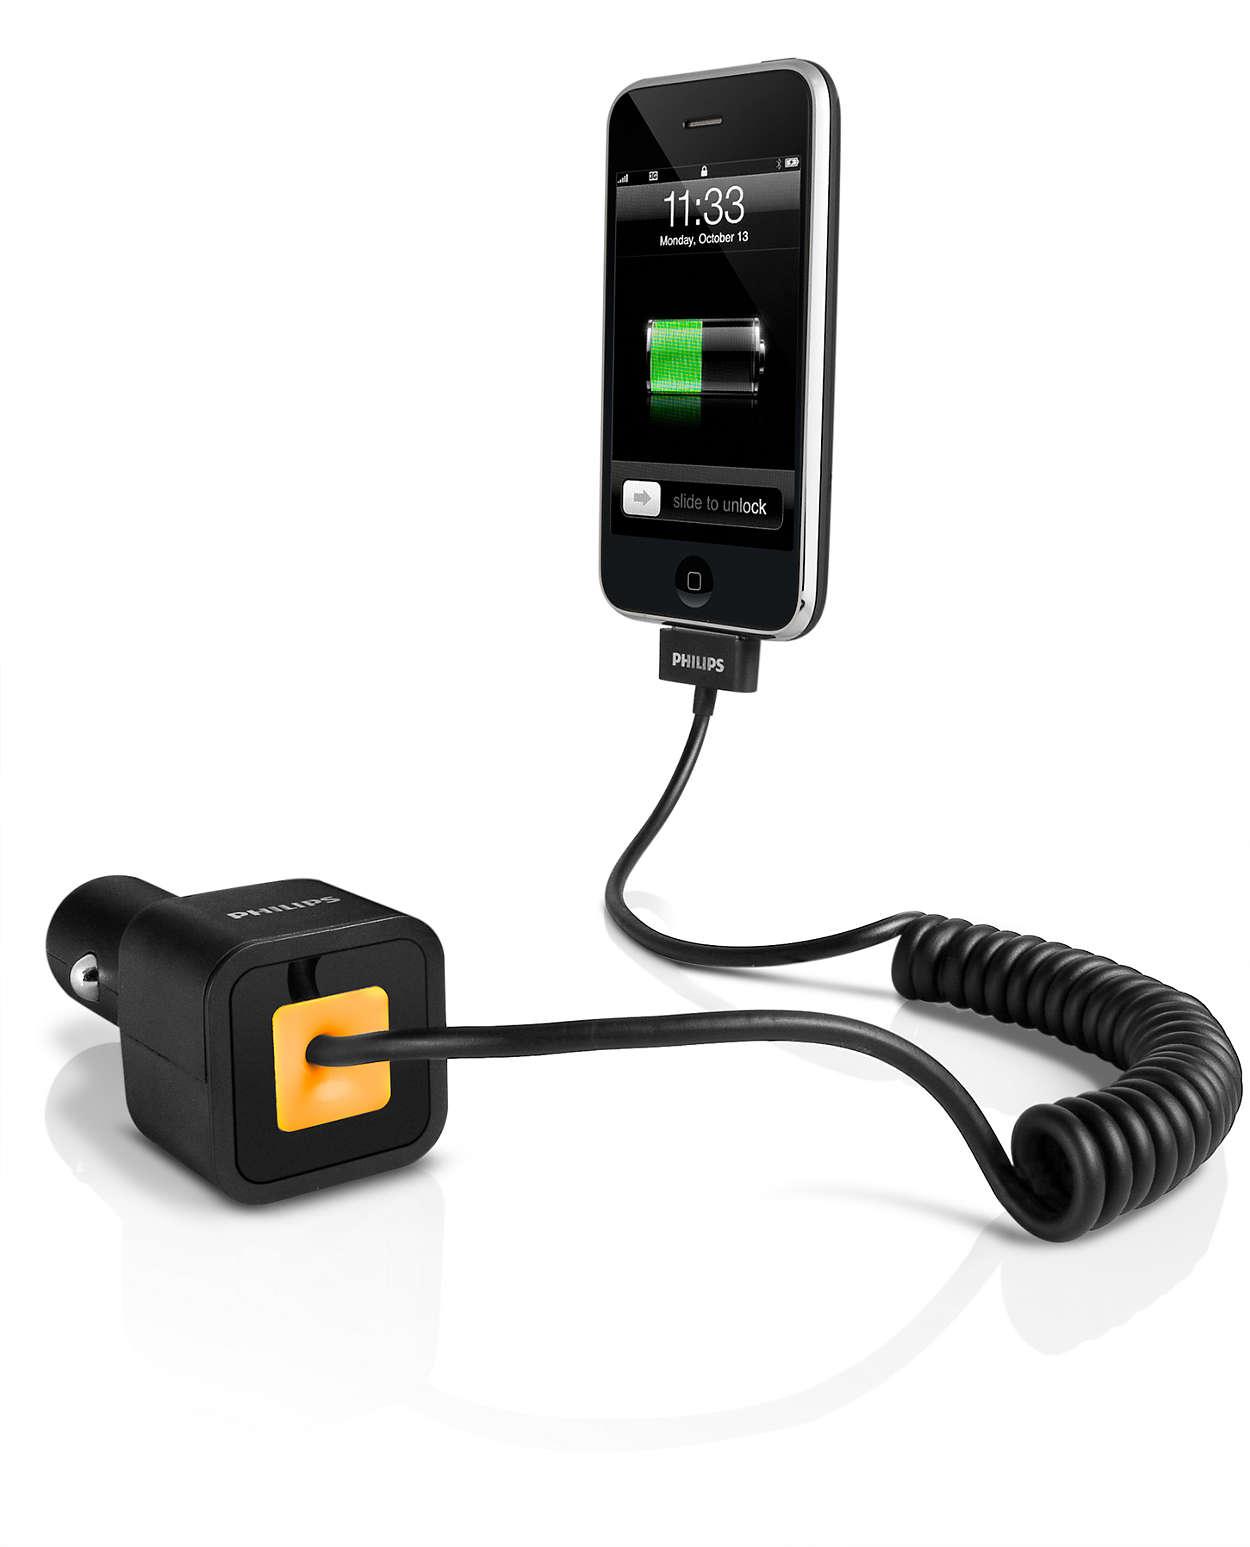 Carica il tuo iPhone o iPod in auto